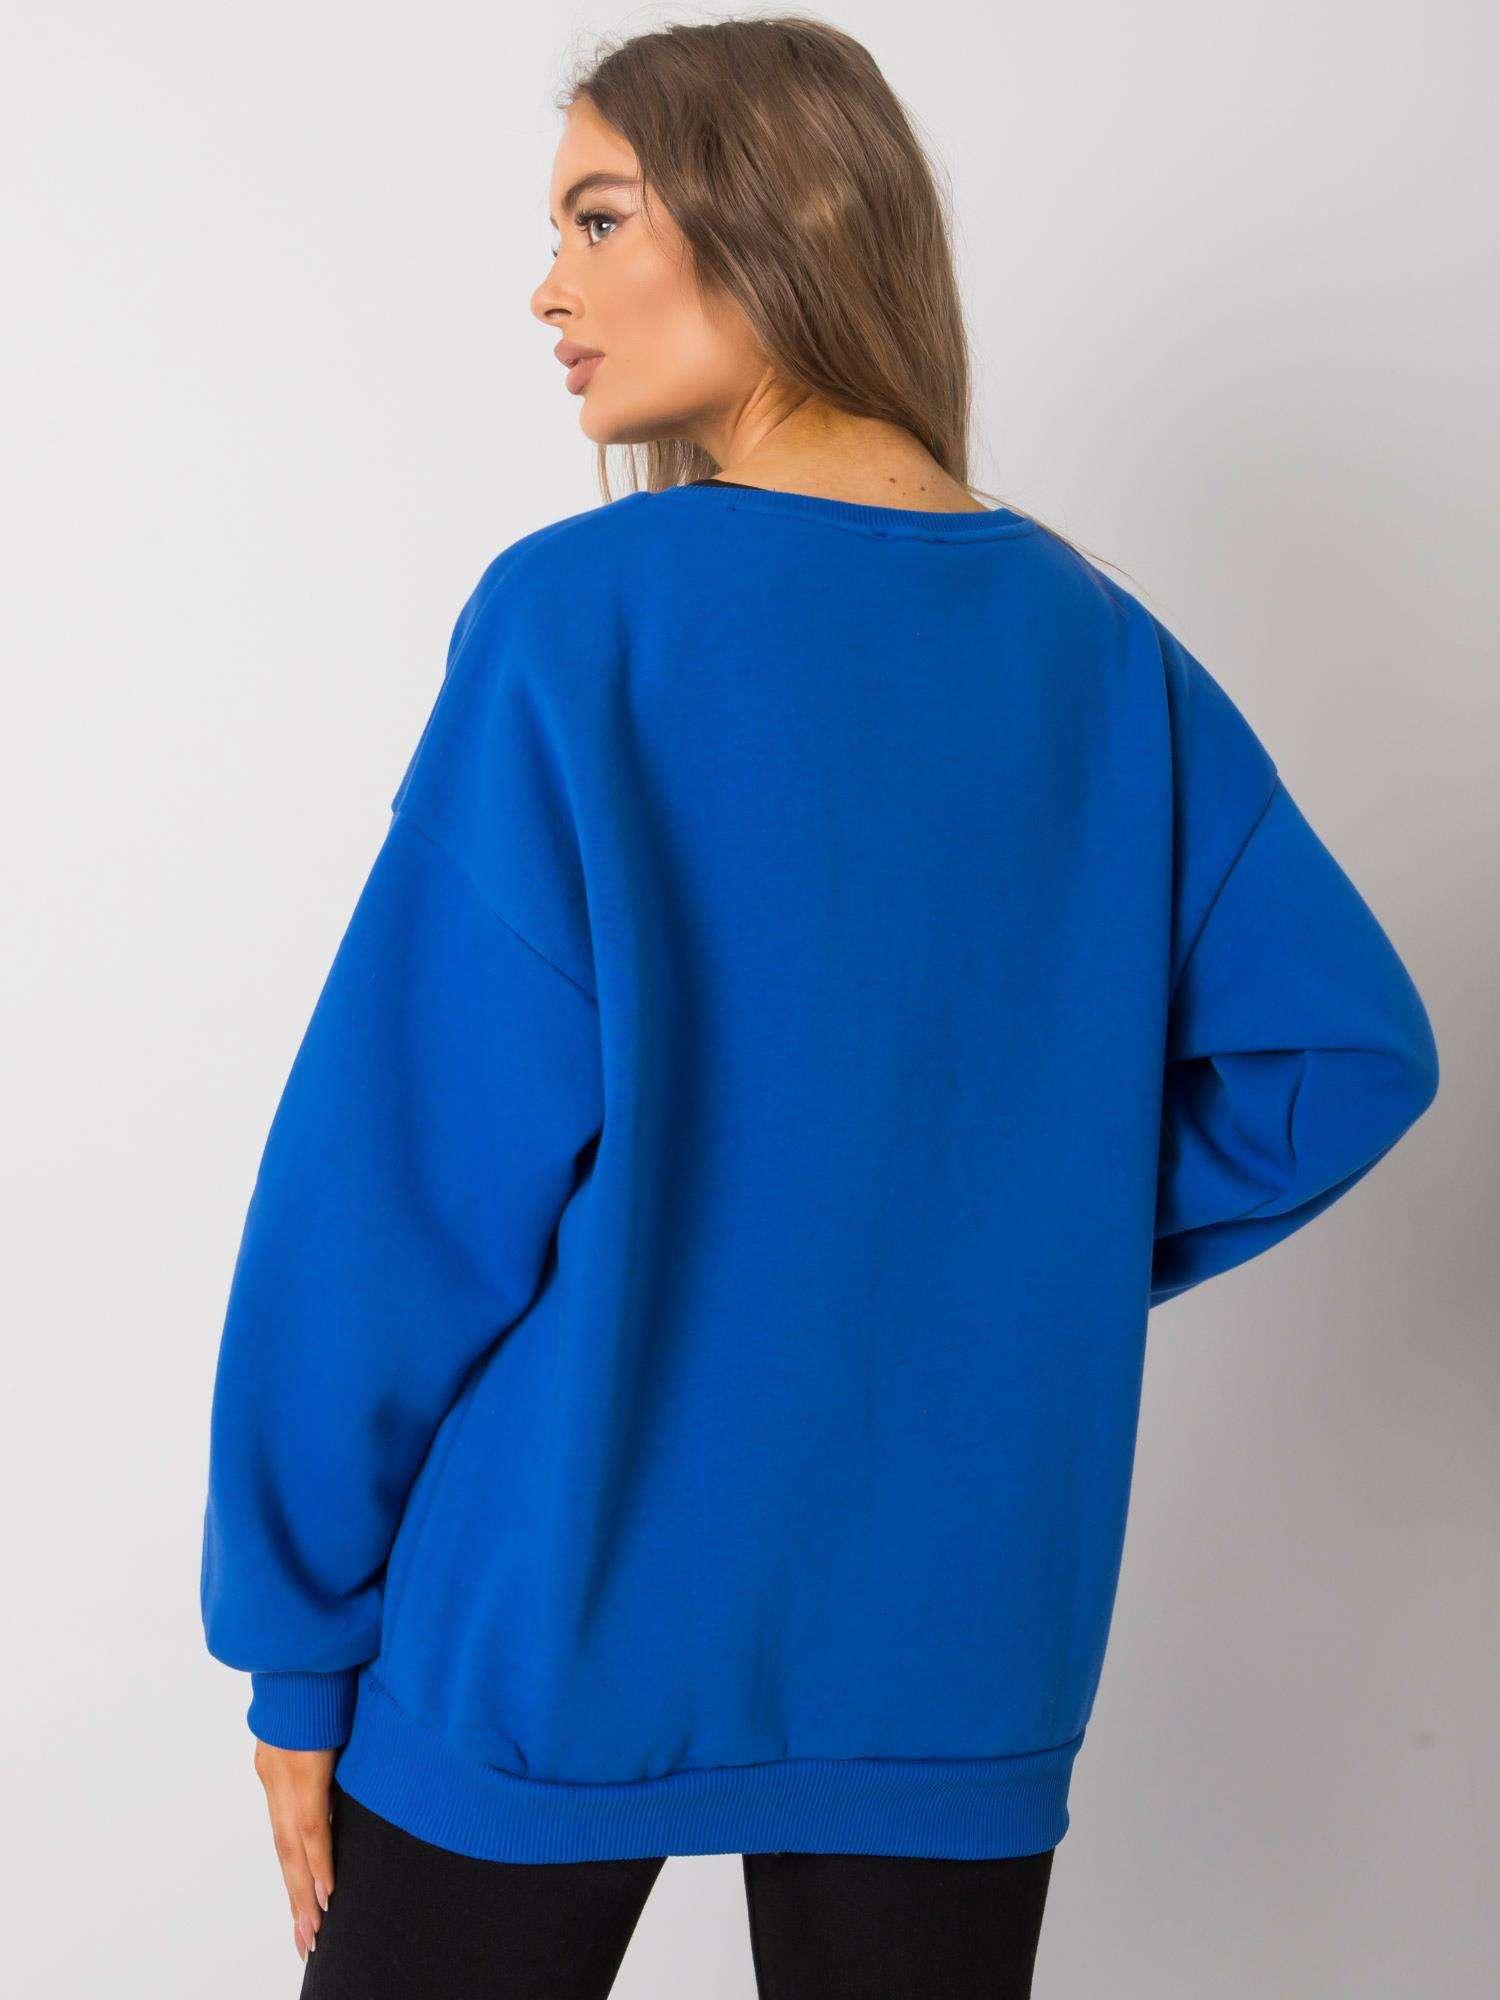 Sweatshirt in Azurblau mit großem Frontpatch Rückansicht